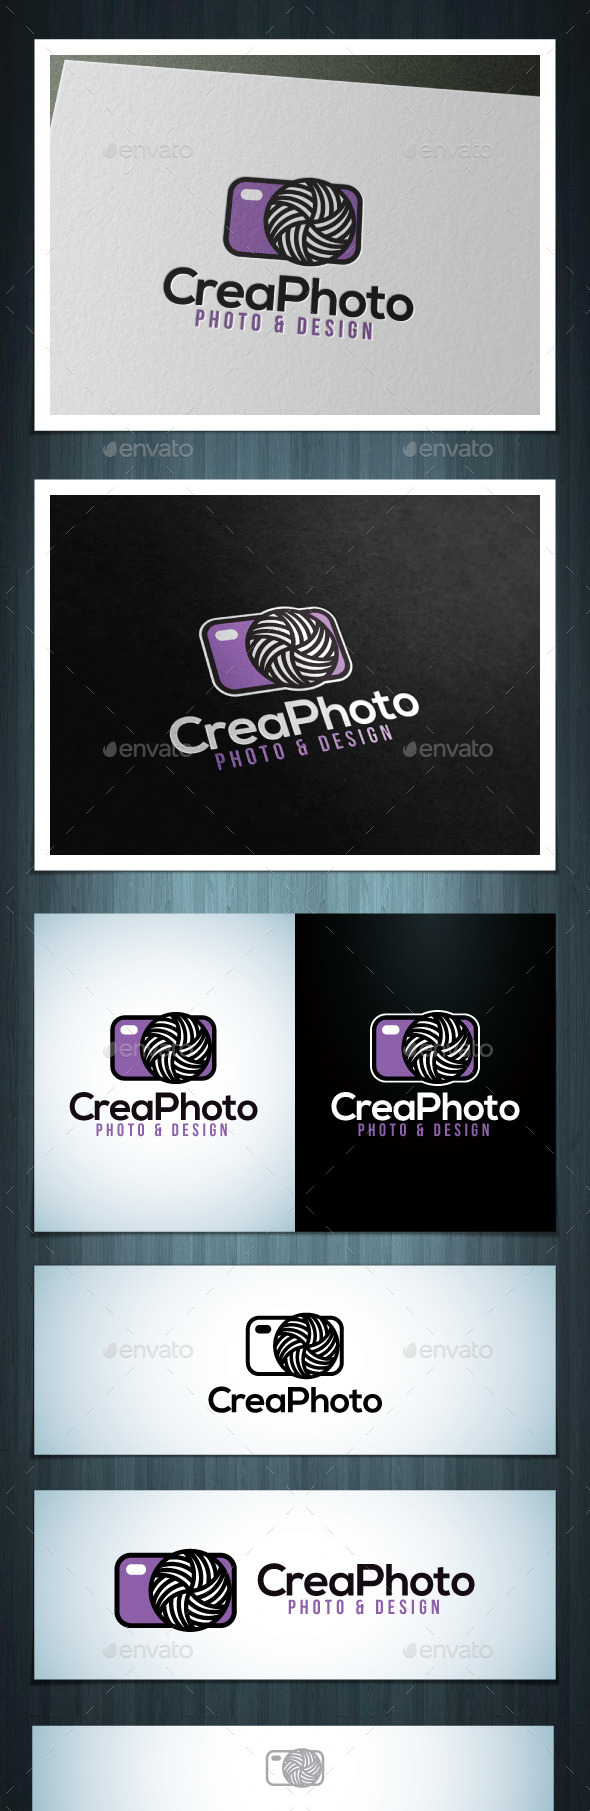 CreaPhoto